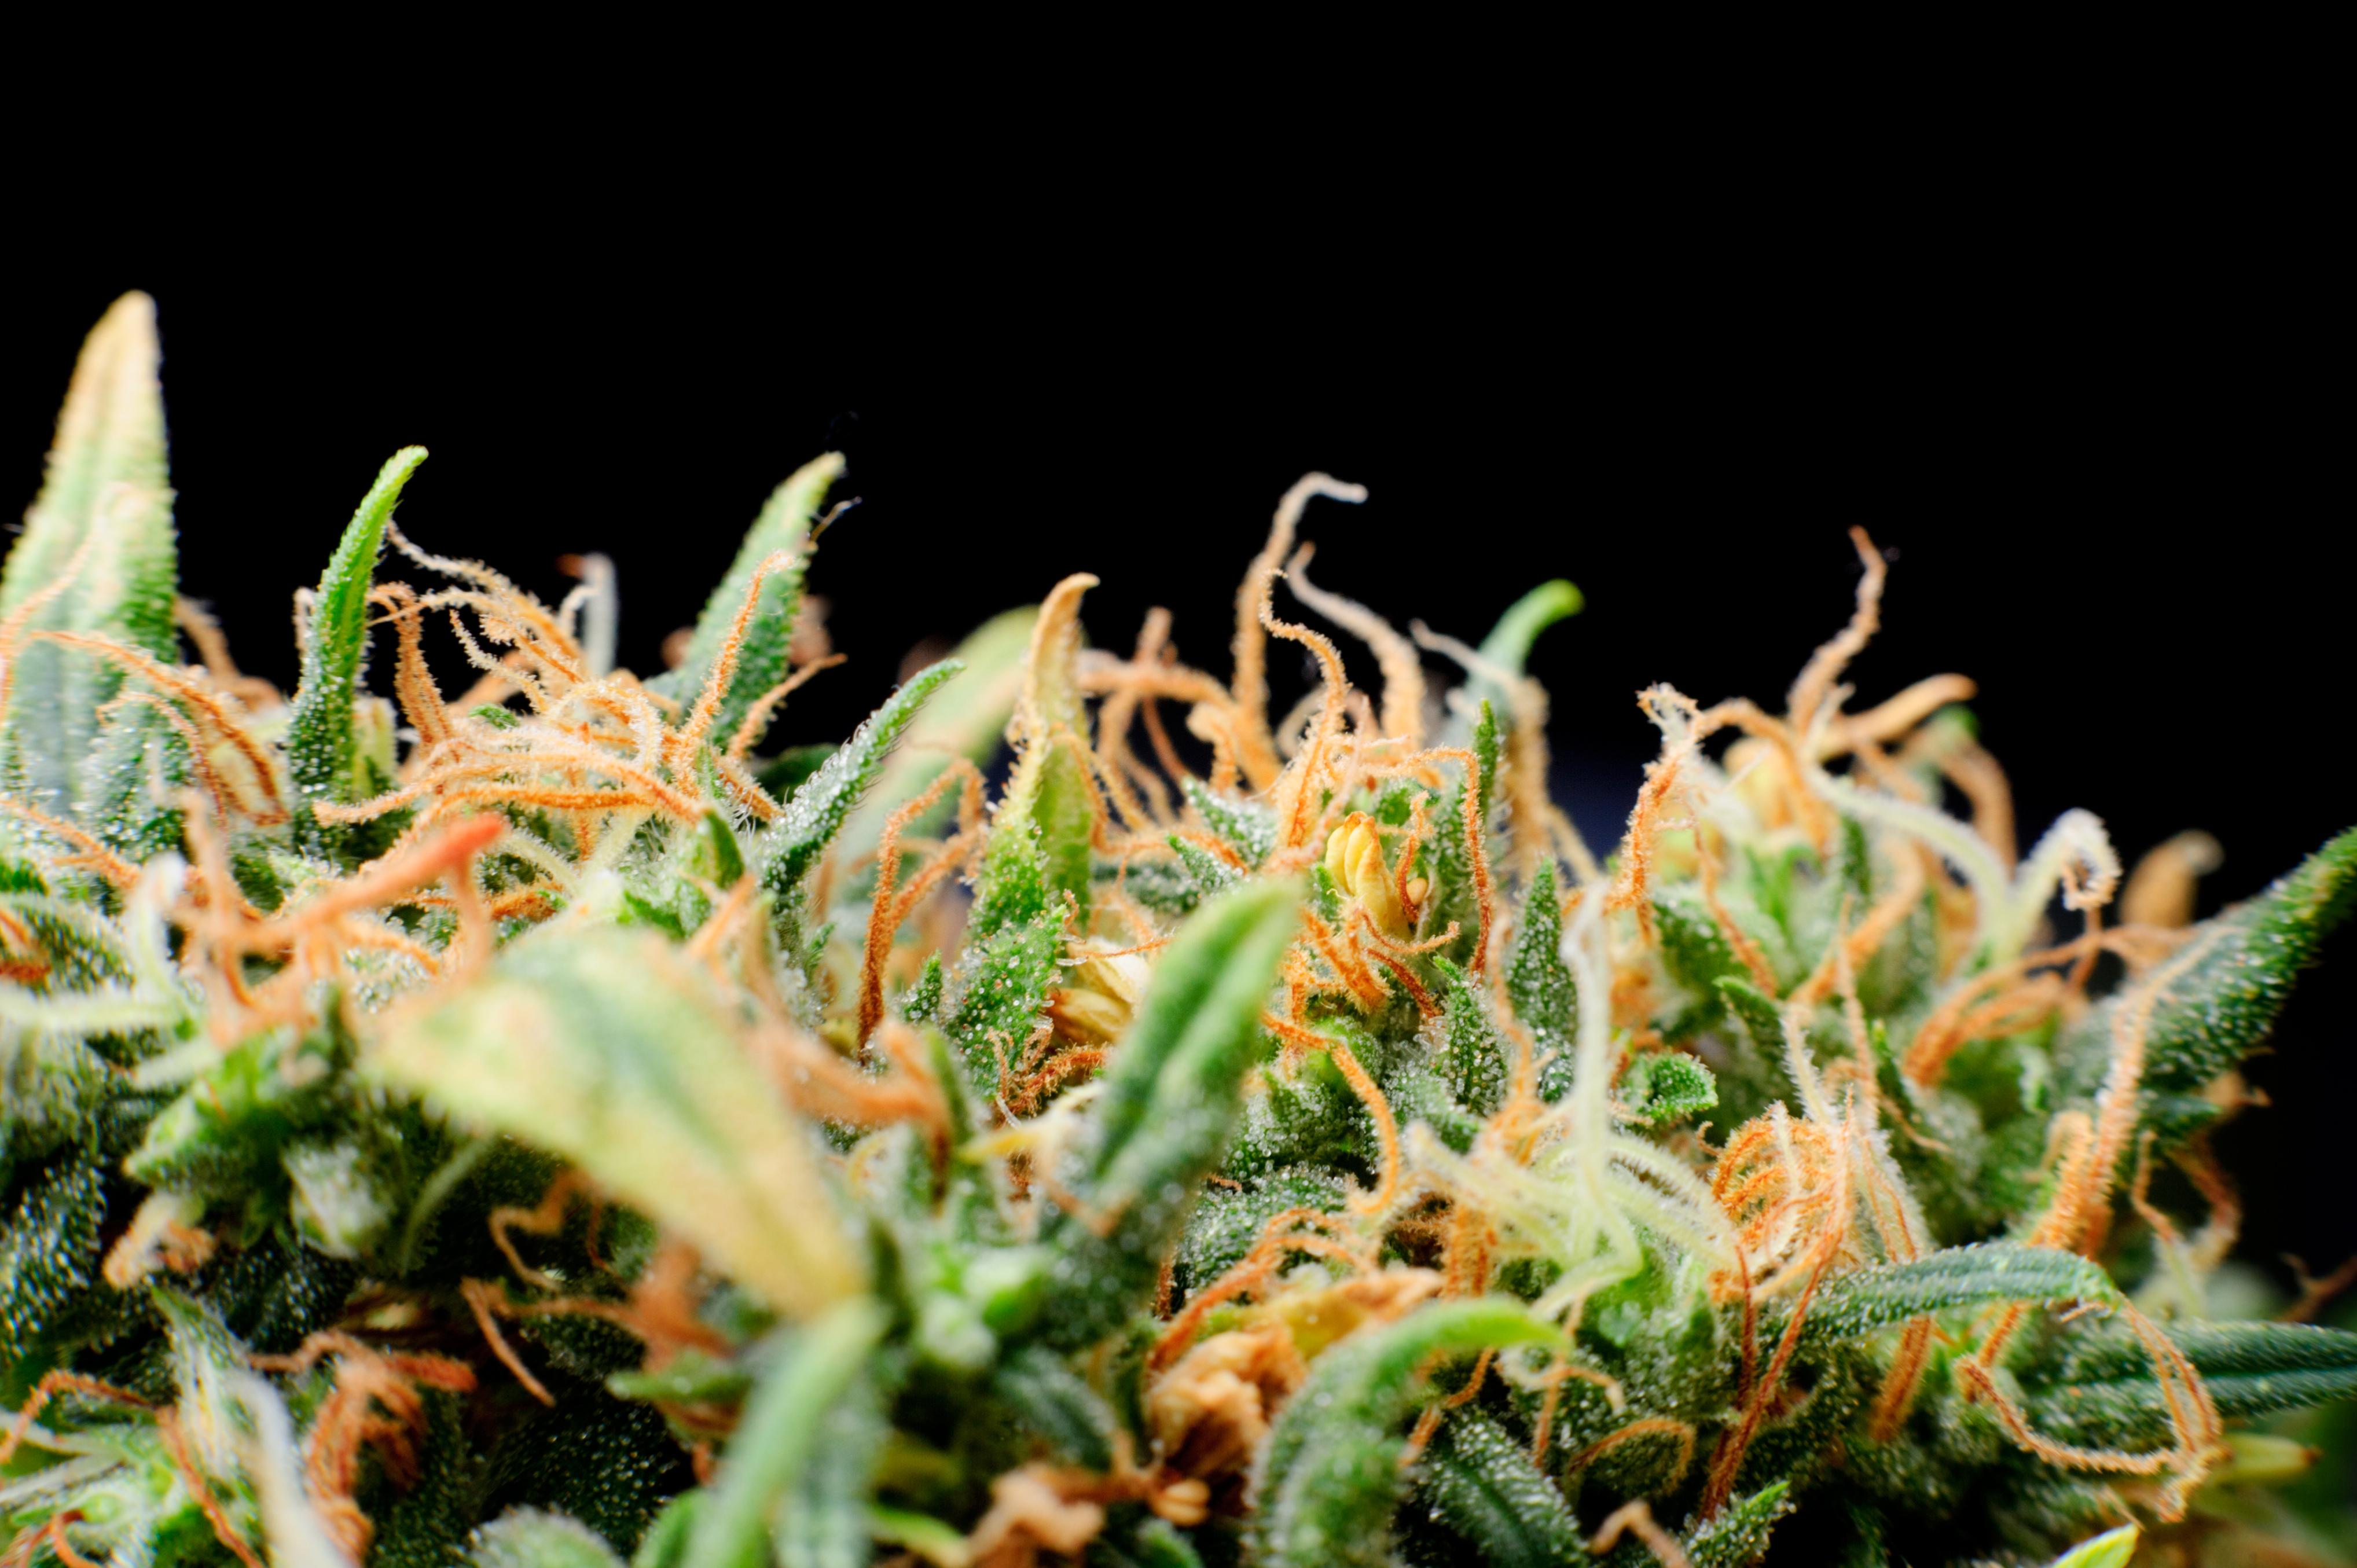 history of marijuana